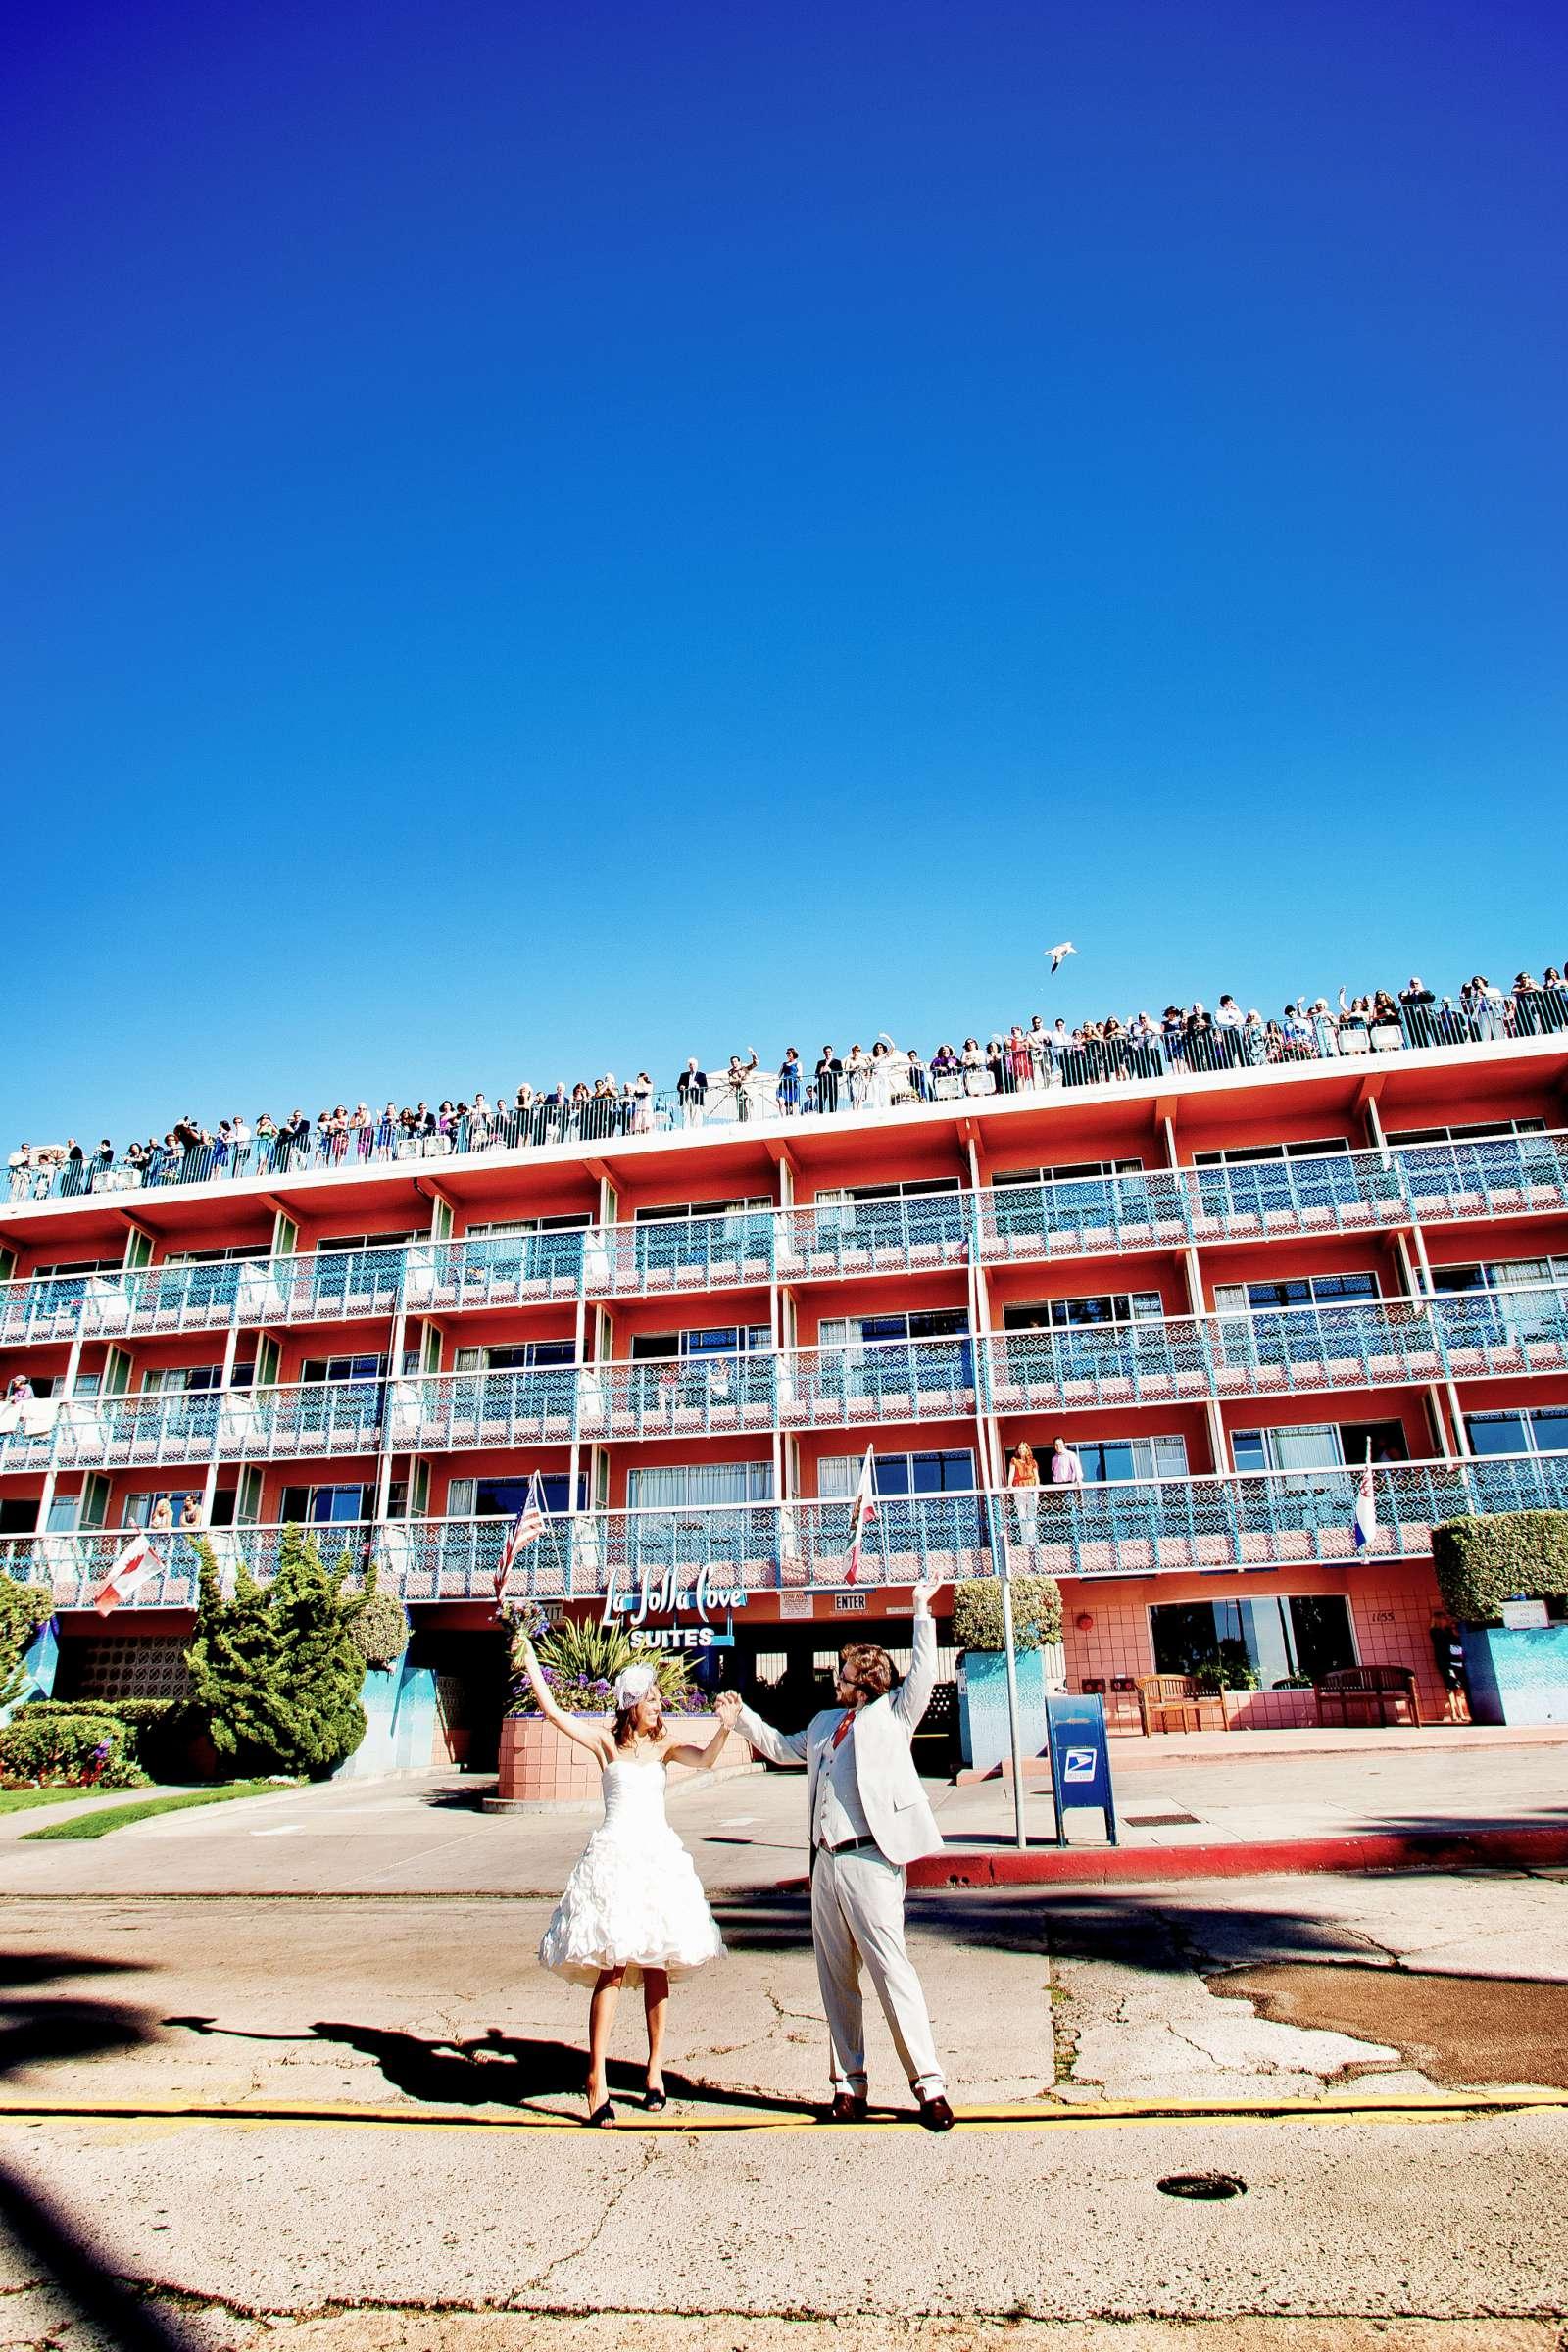 La Jolla Cove Suites | San Diego Photographer - True Photography